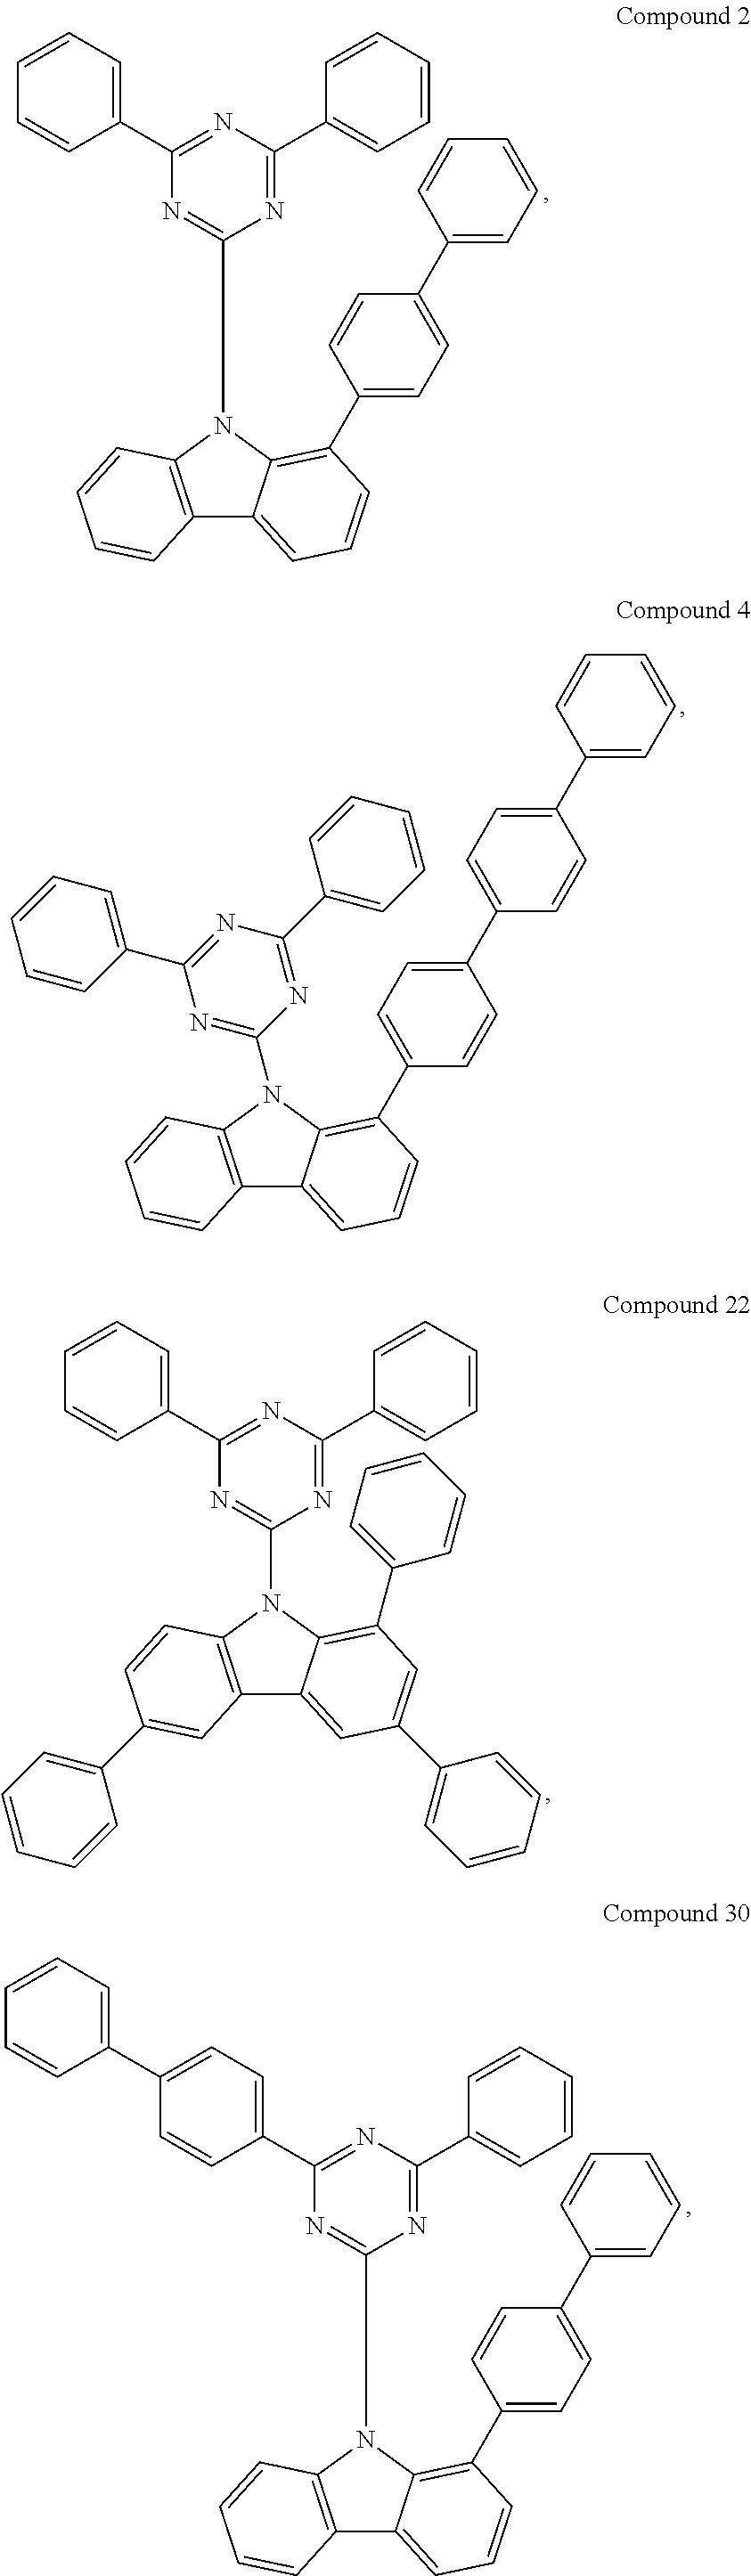 Figure US09673401-20170606-C00013